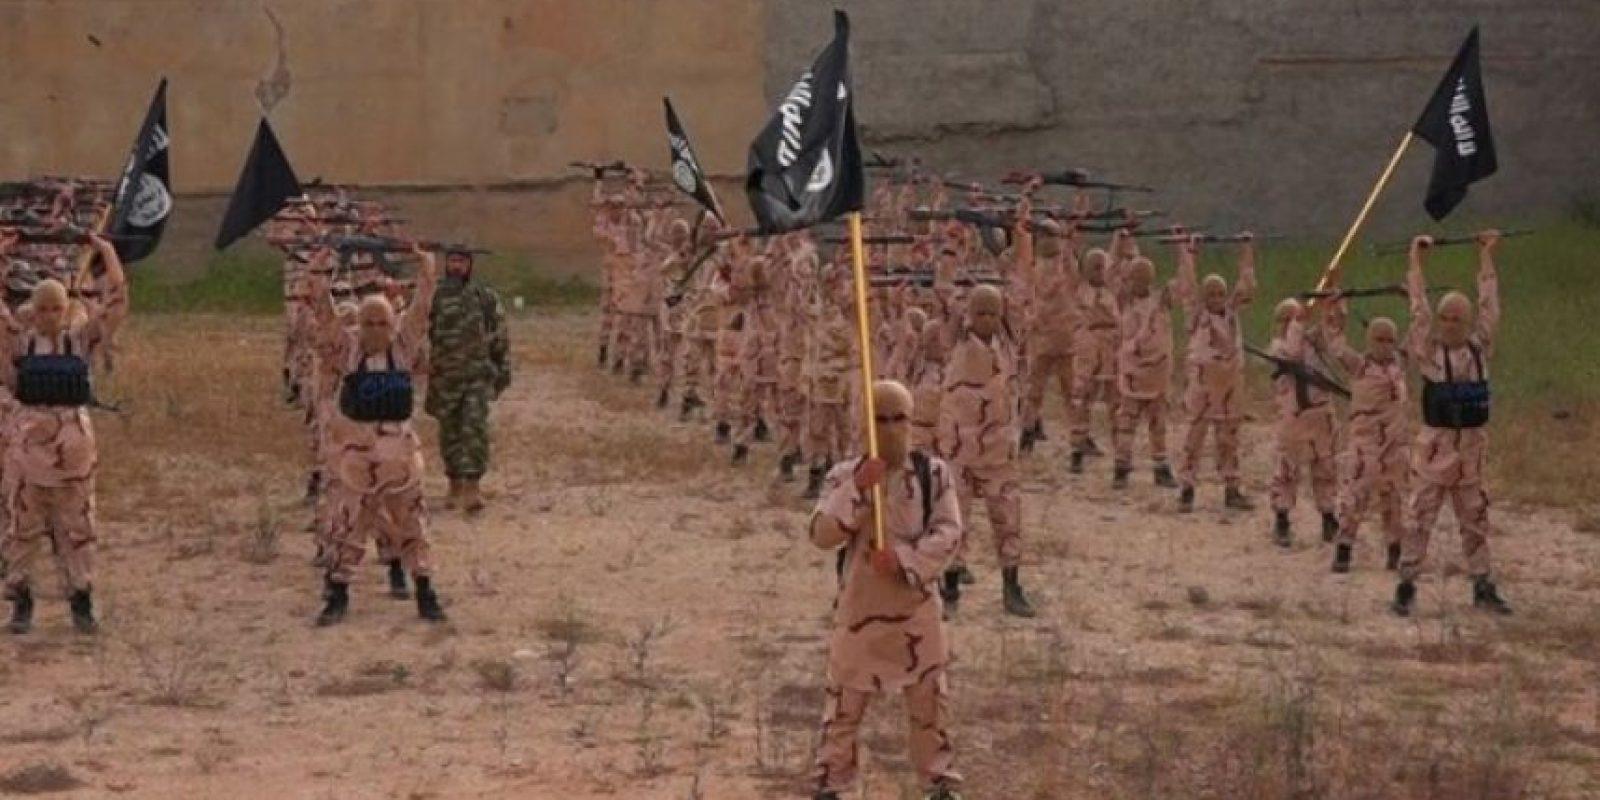 El 2015 se vio opacado por un incremento en el número de atentados terroristas. Los esfuerzos por detener el yihadismo han incluido bombardeos aéreos y monitoreo de sus páginas web, entre otros. Foto:AFP. Imagen Por: